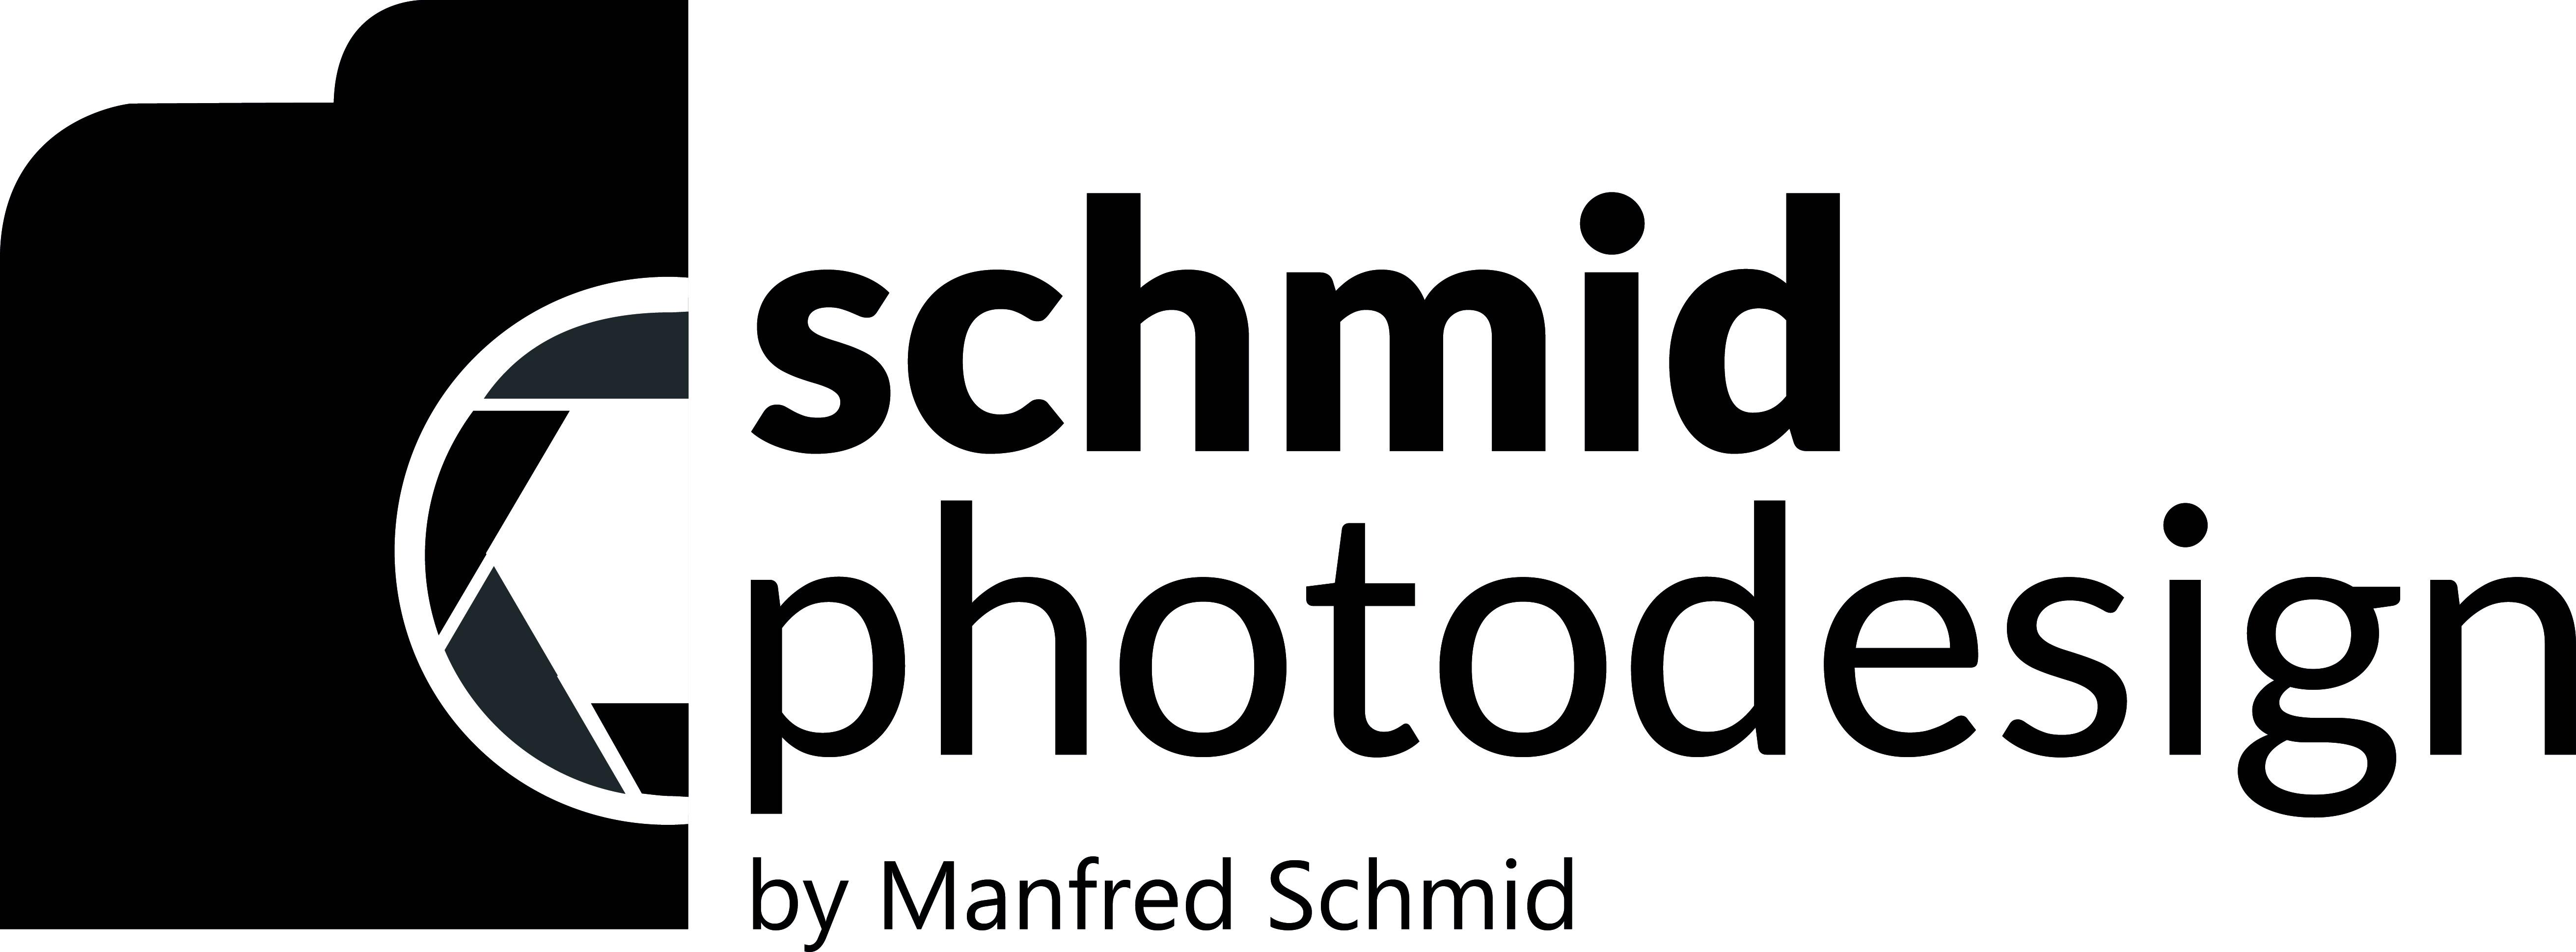 schmid-photodesign_logo_hintergrund_weiß